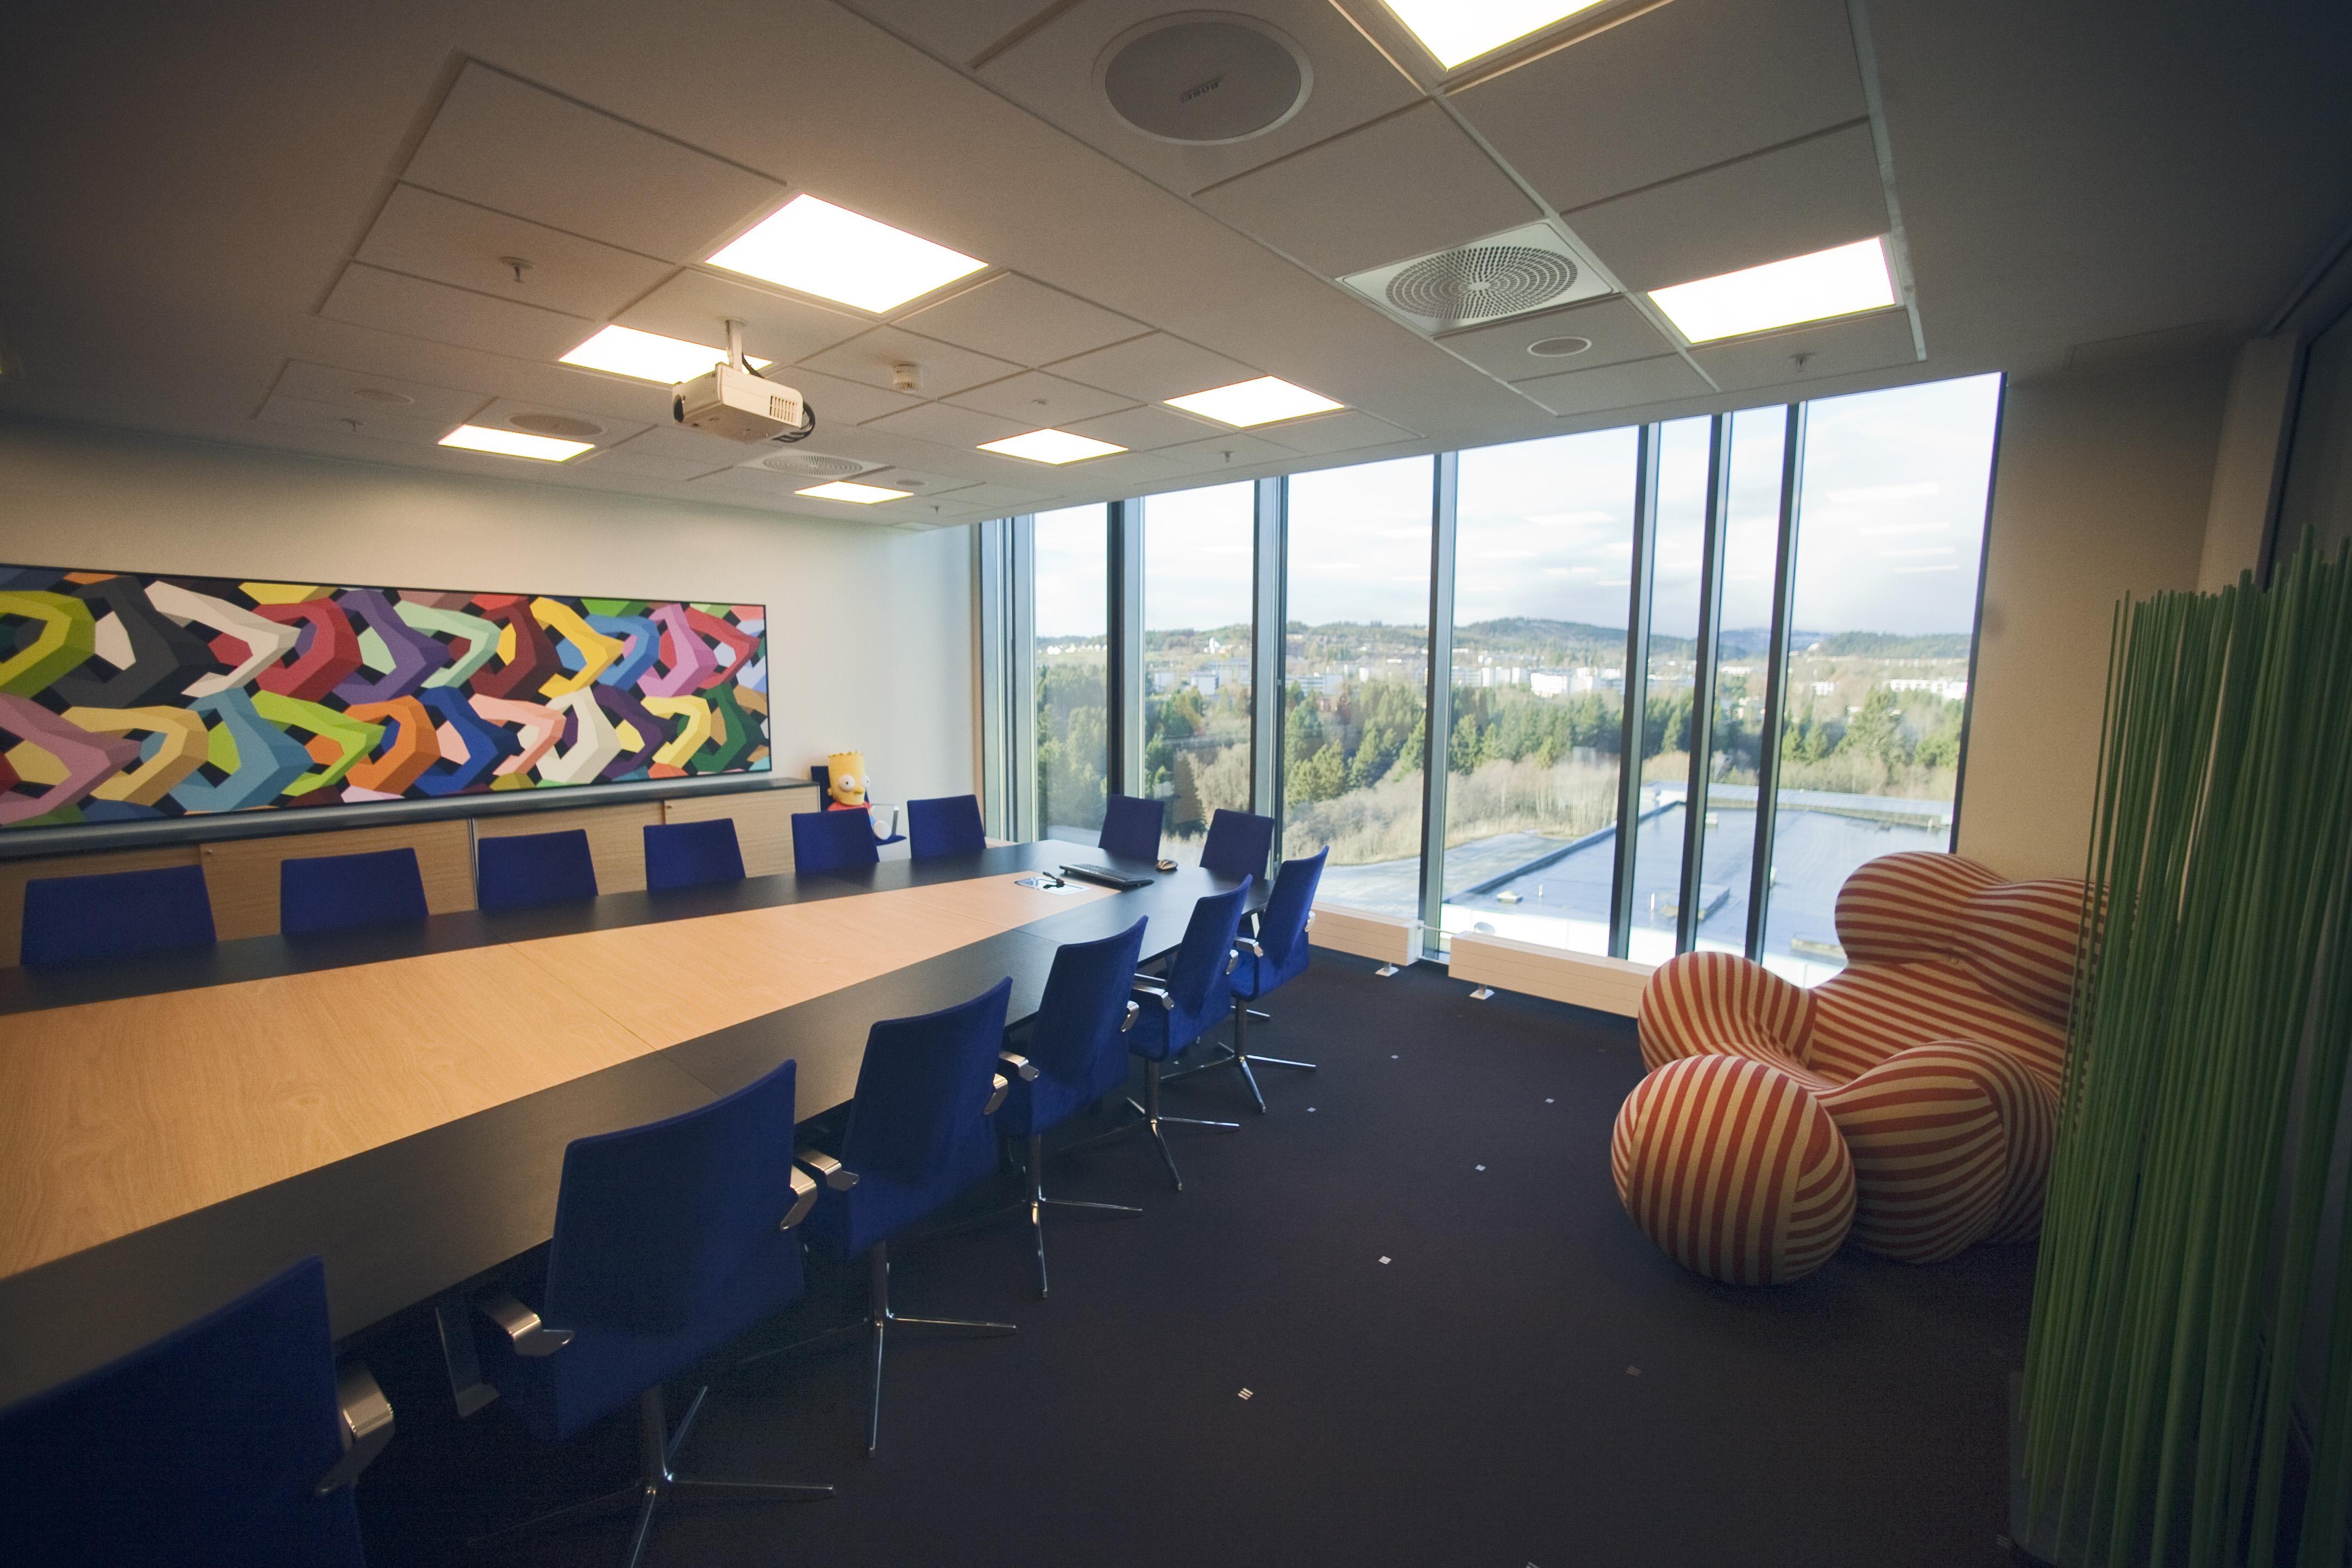 arkitektur_trondheim_3t_rosten_interior_sittegruppe_møterom_designstol_big_mama_bebitalia